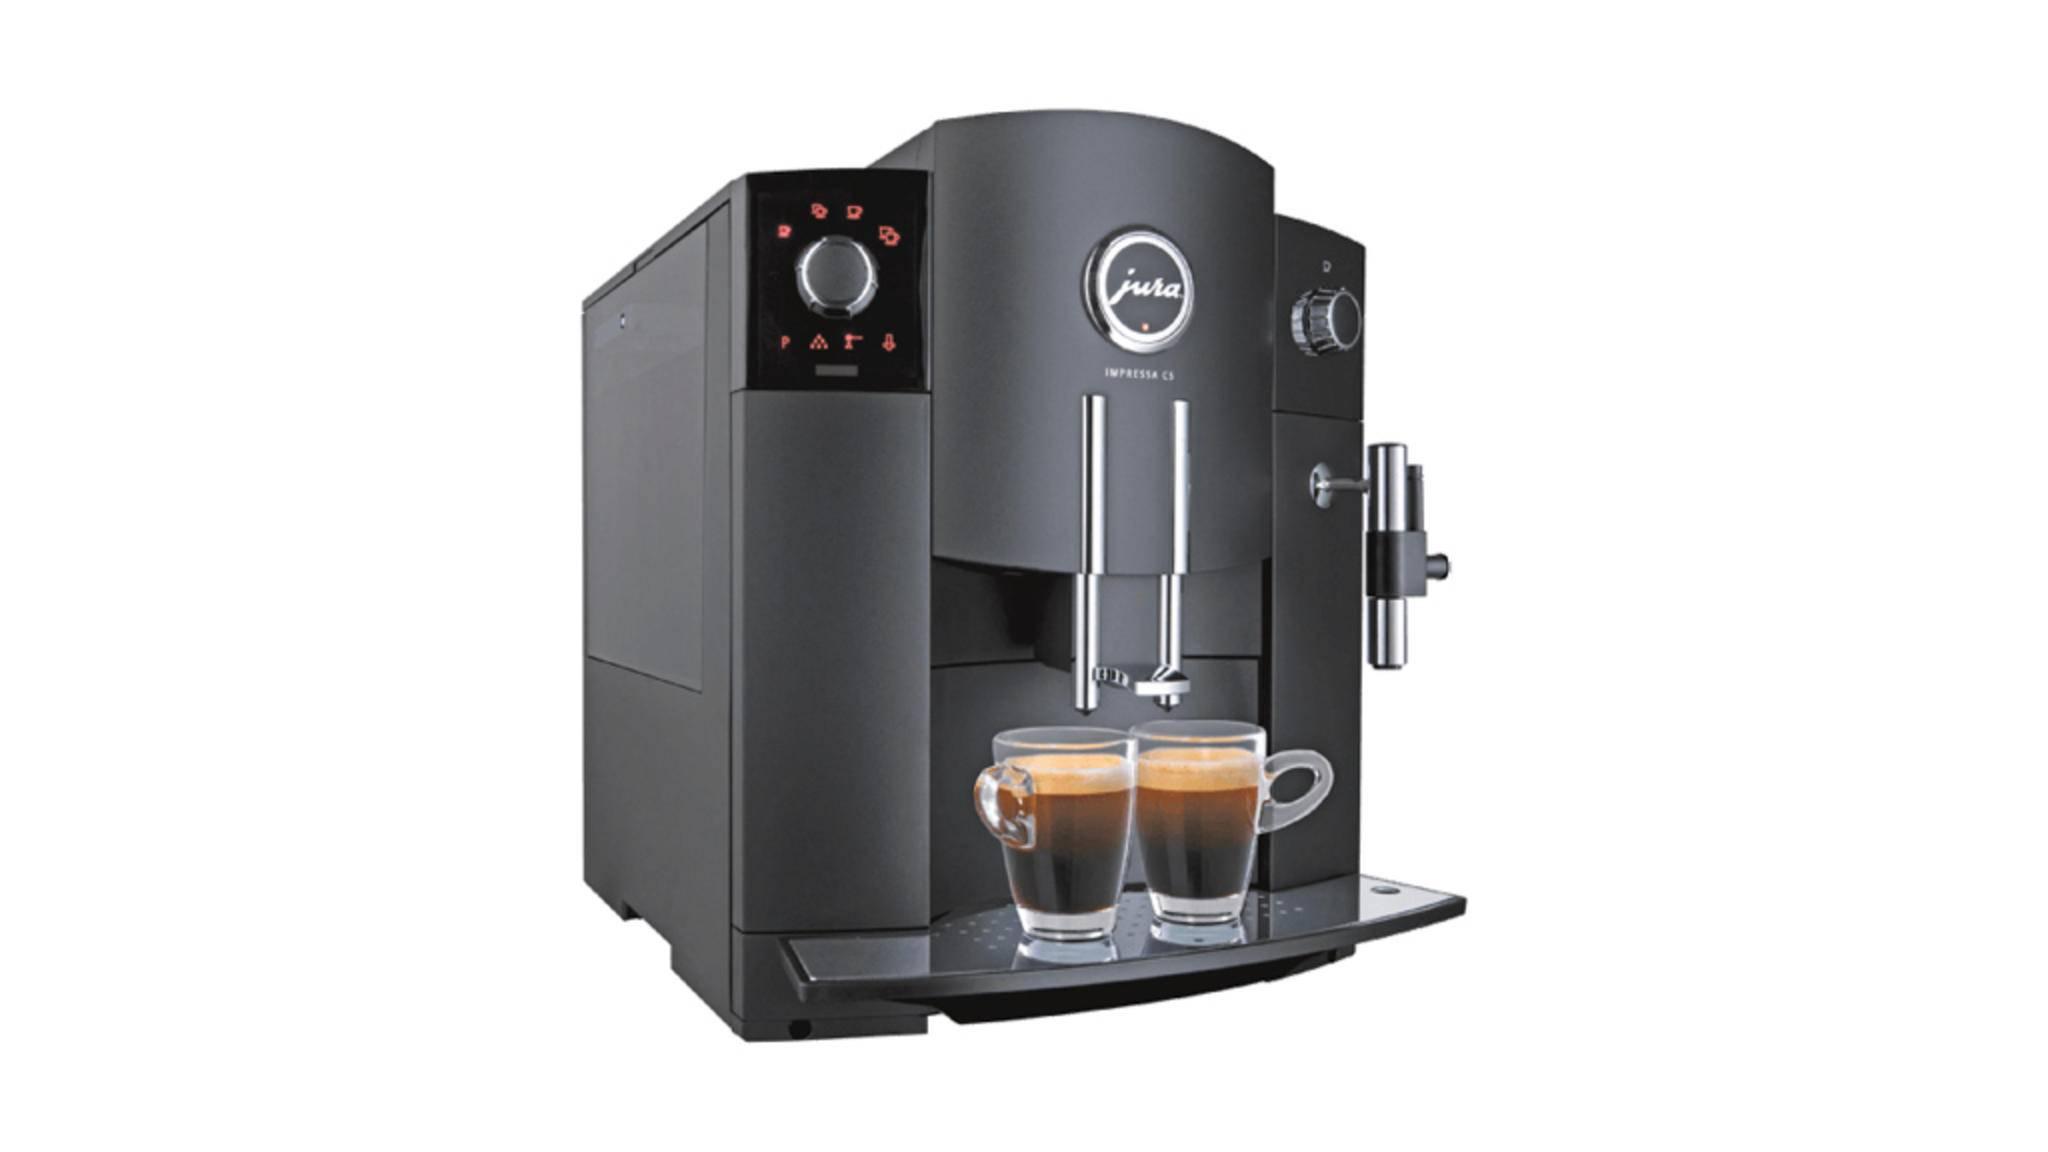 Die Jura Impressa C5 macht leckeren Kaffee. Damit das so bleibt, muss der Vollautomat regelmäßig gereinigt werden.